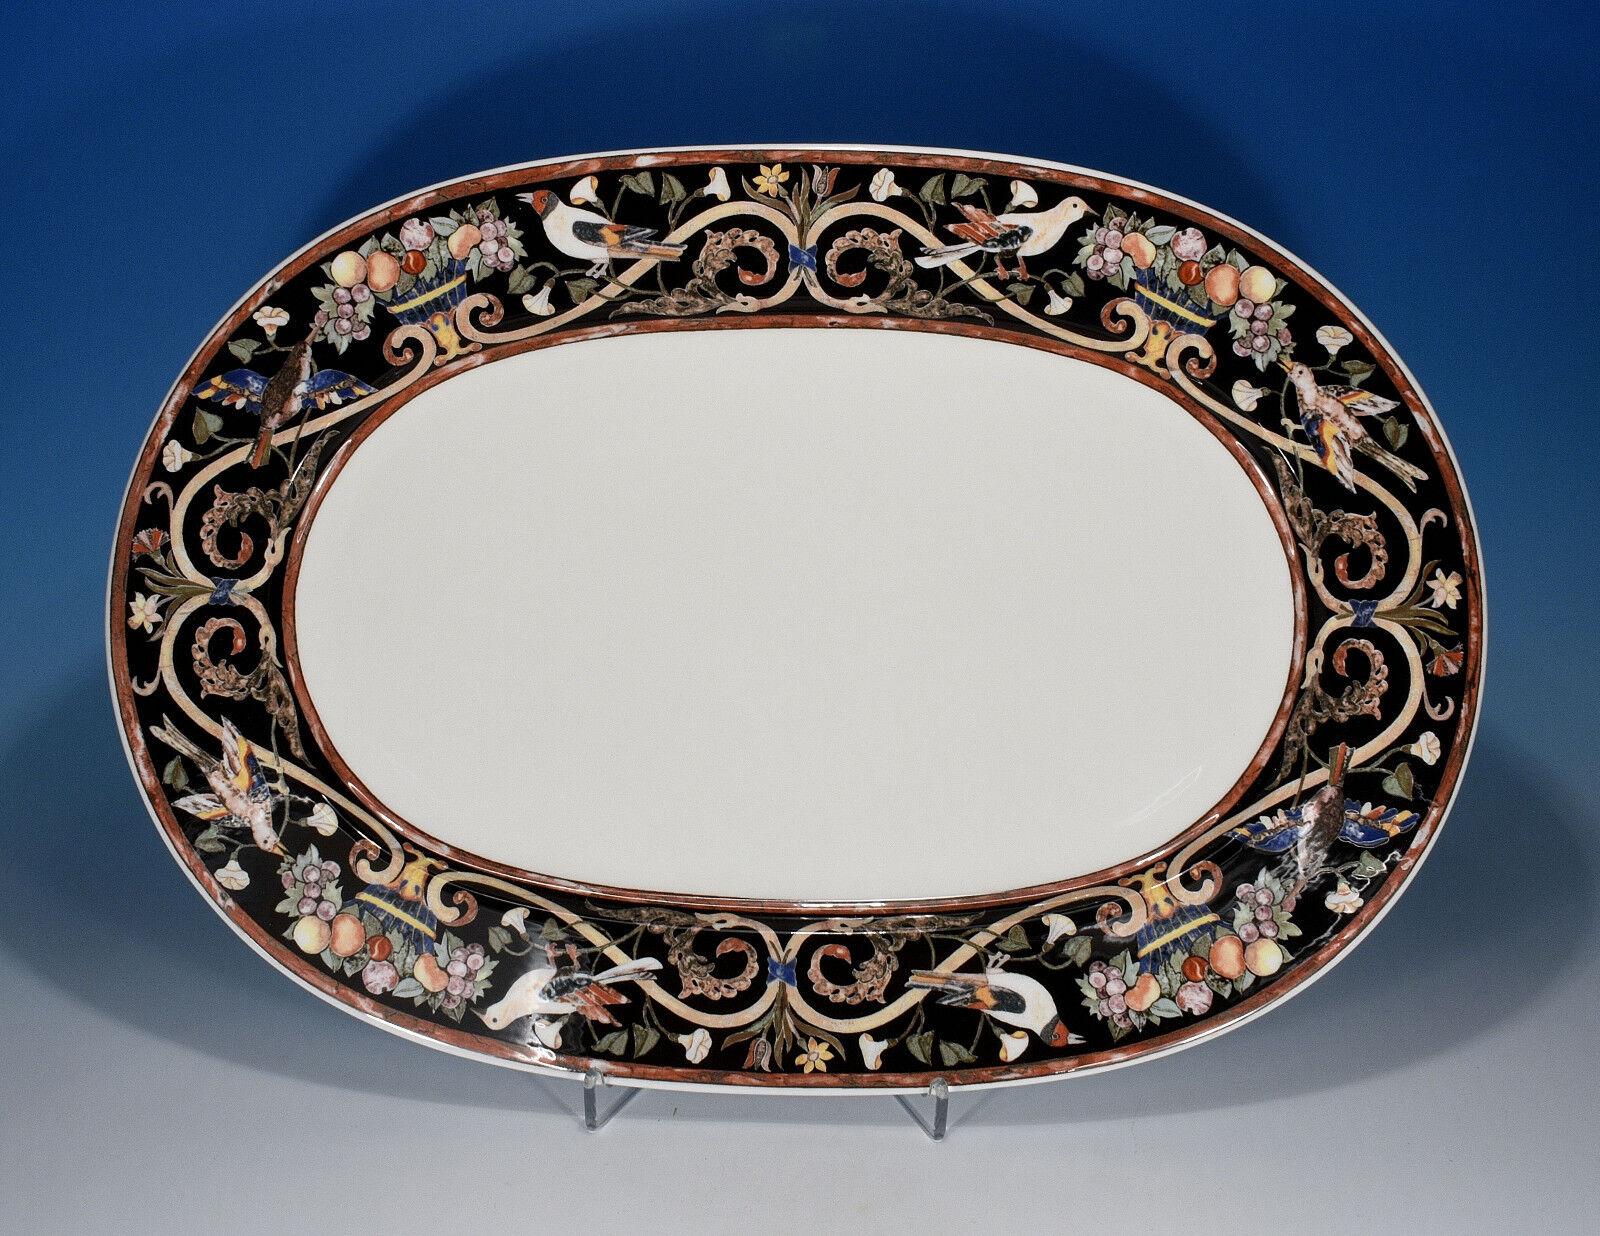 Gallo (VILLEROY & BOCH)   intarsia   plaque 41 x 28,5 cm